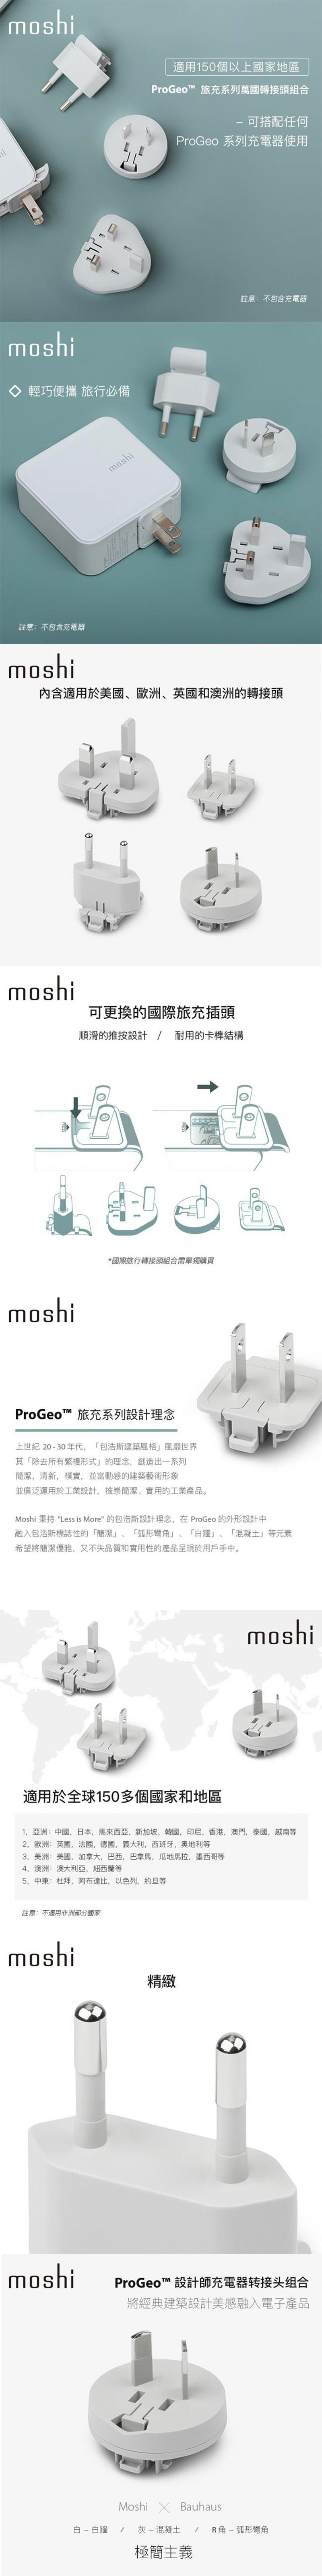 ✓ 可搭配任何 ProGeo 旅充系列充電器使用(需另購) ✓內含適用於美國、歐洲、英國和澳洲的轉接頭 ✓滑入/滑出設計,容易安裝拆卸 ✓耐用的鎖定卡榫機制 ✓國際旅客必備,適用於 150 個以上國家